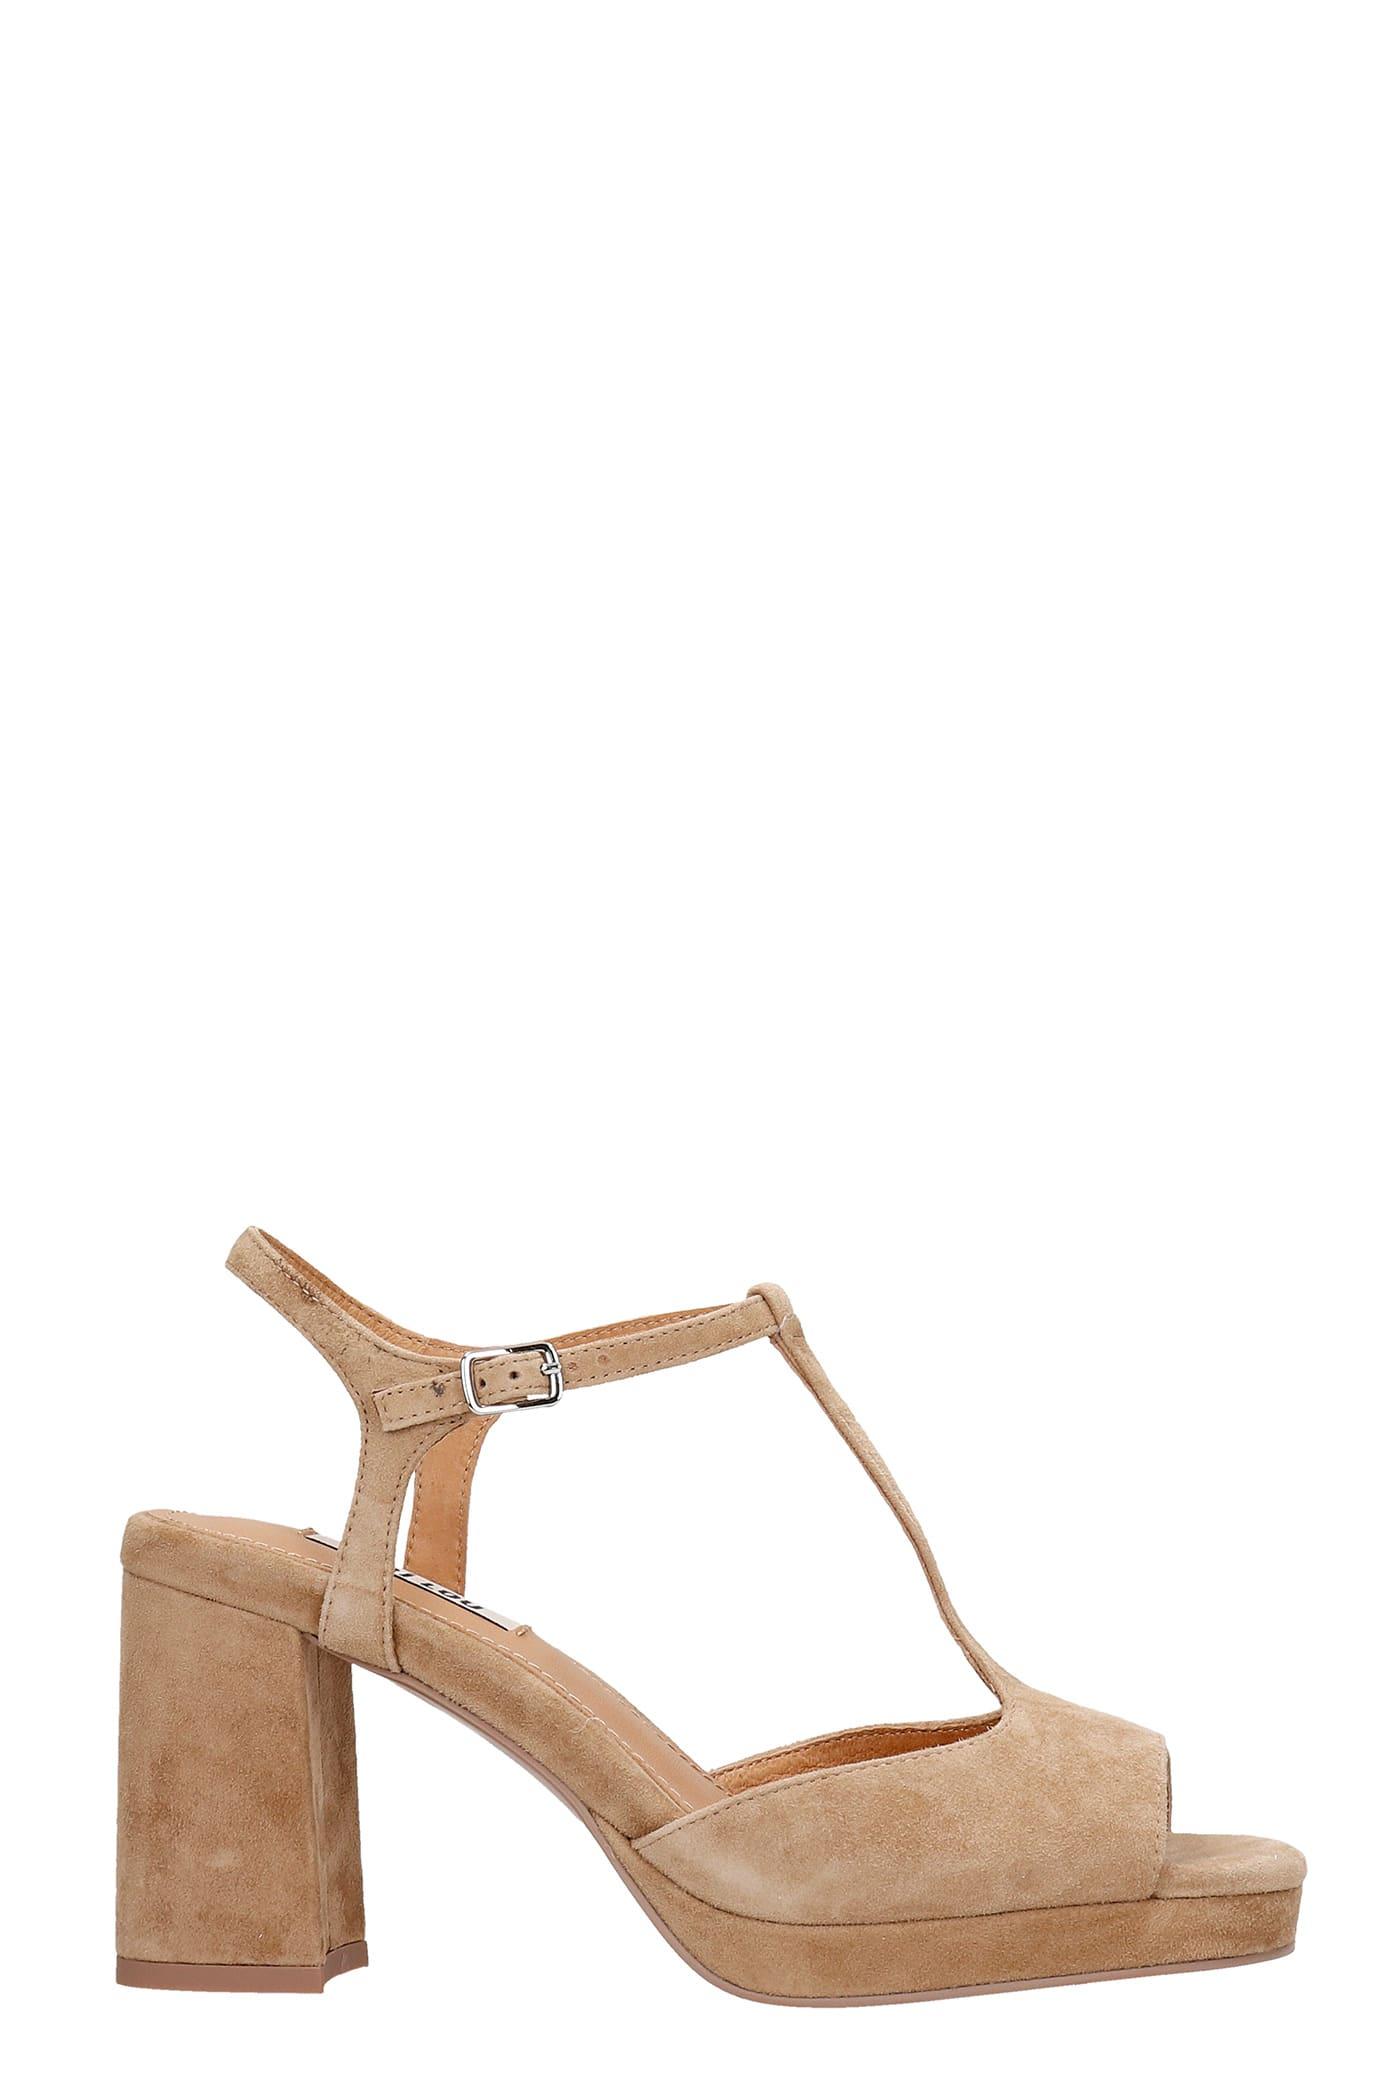 Sandals In Beige Suede